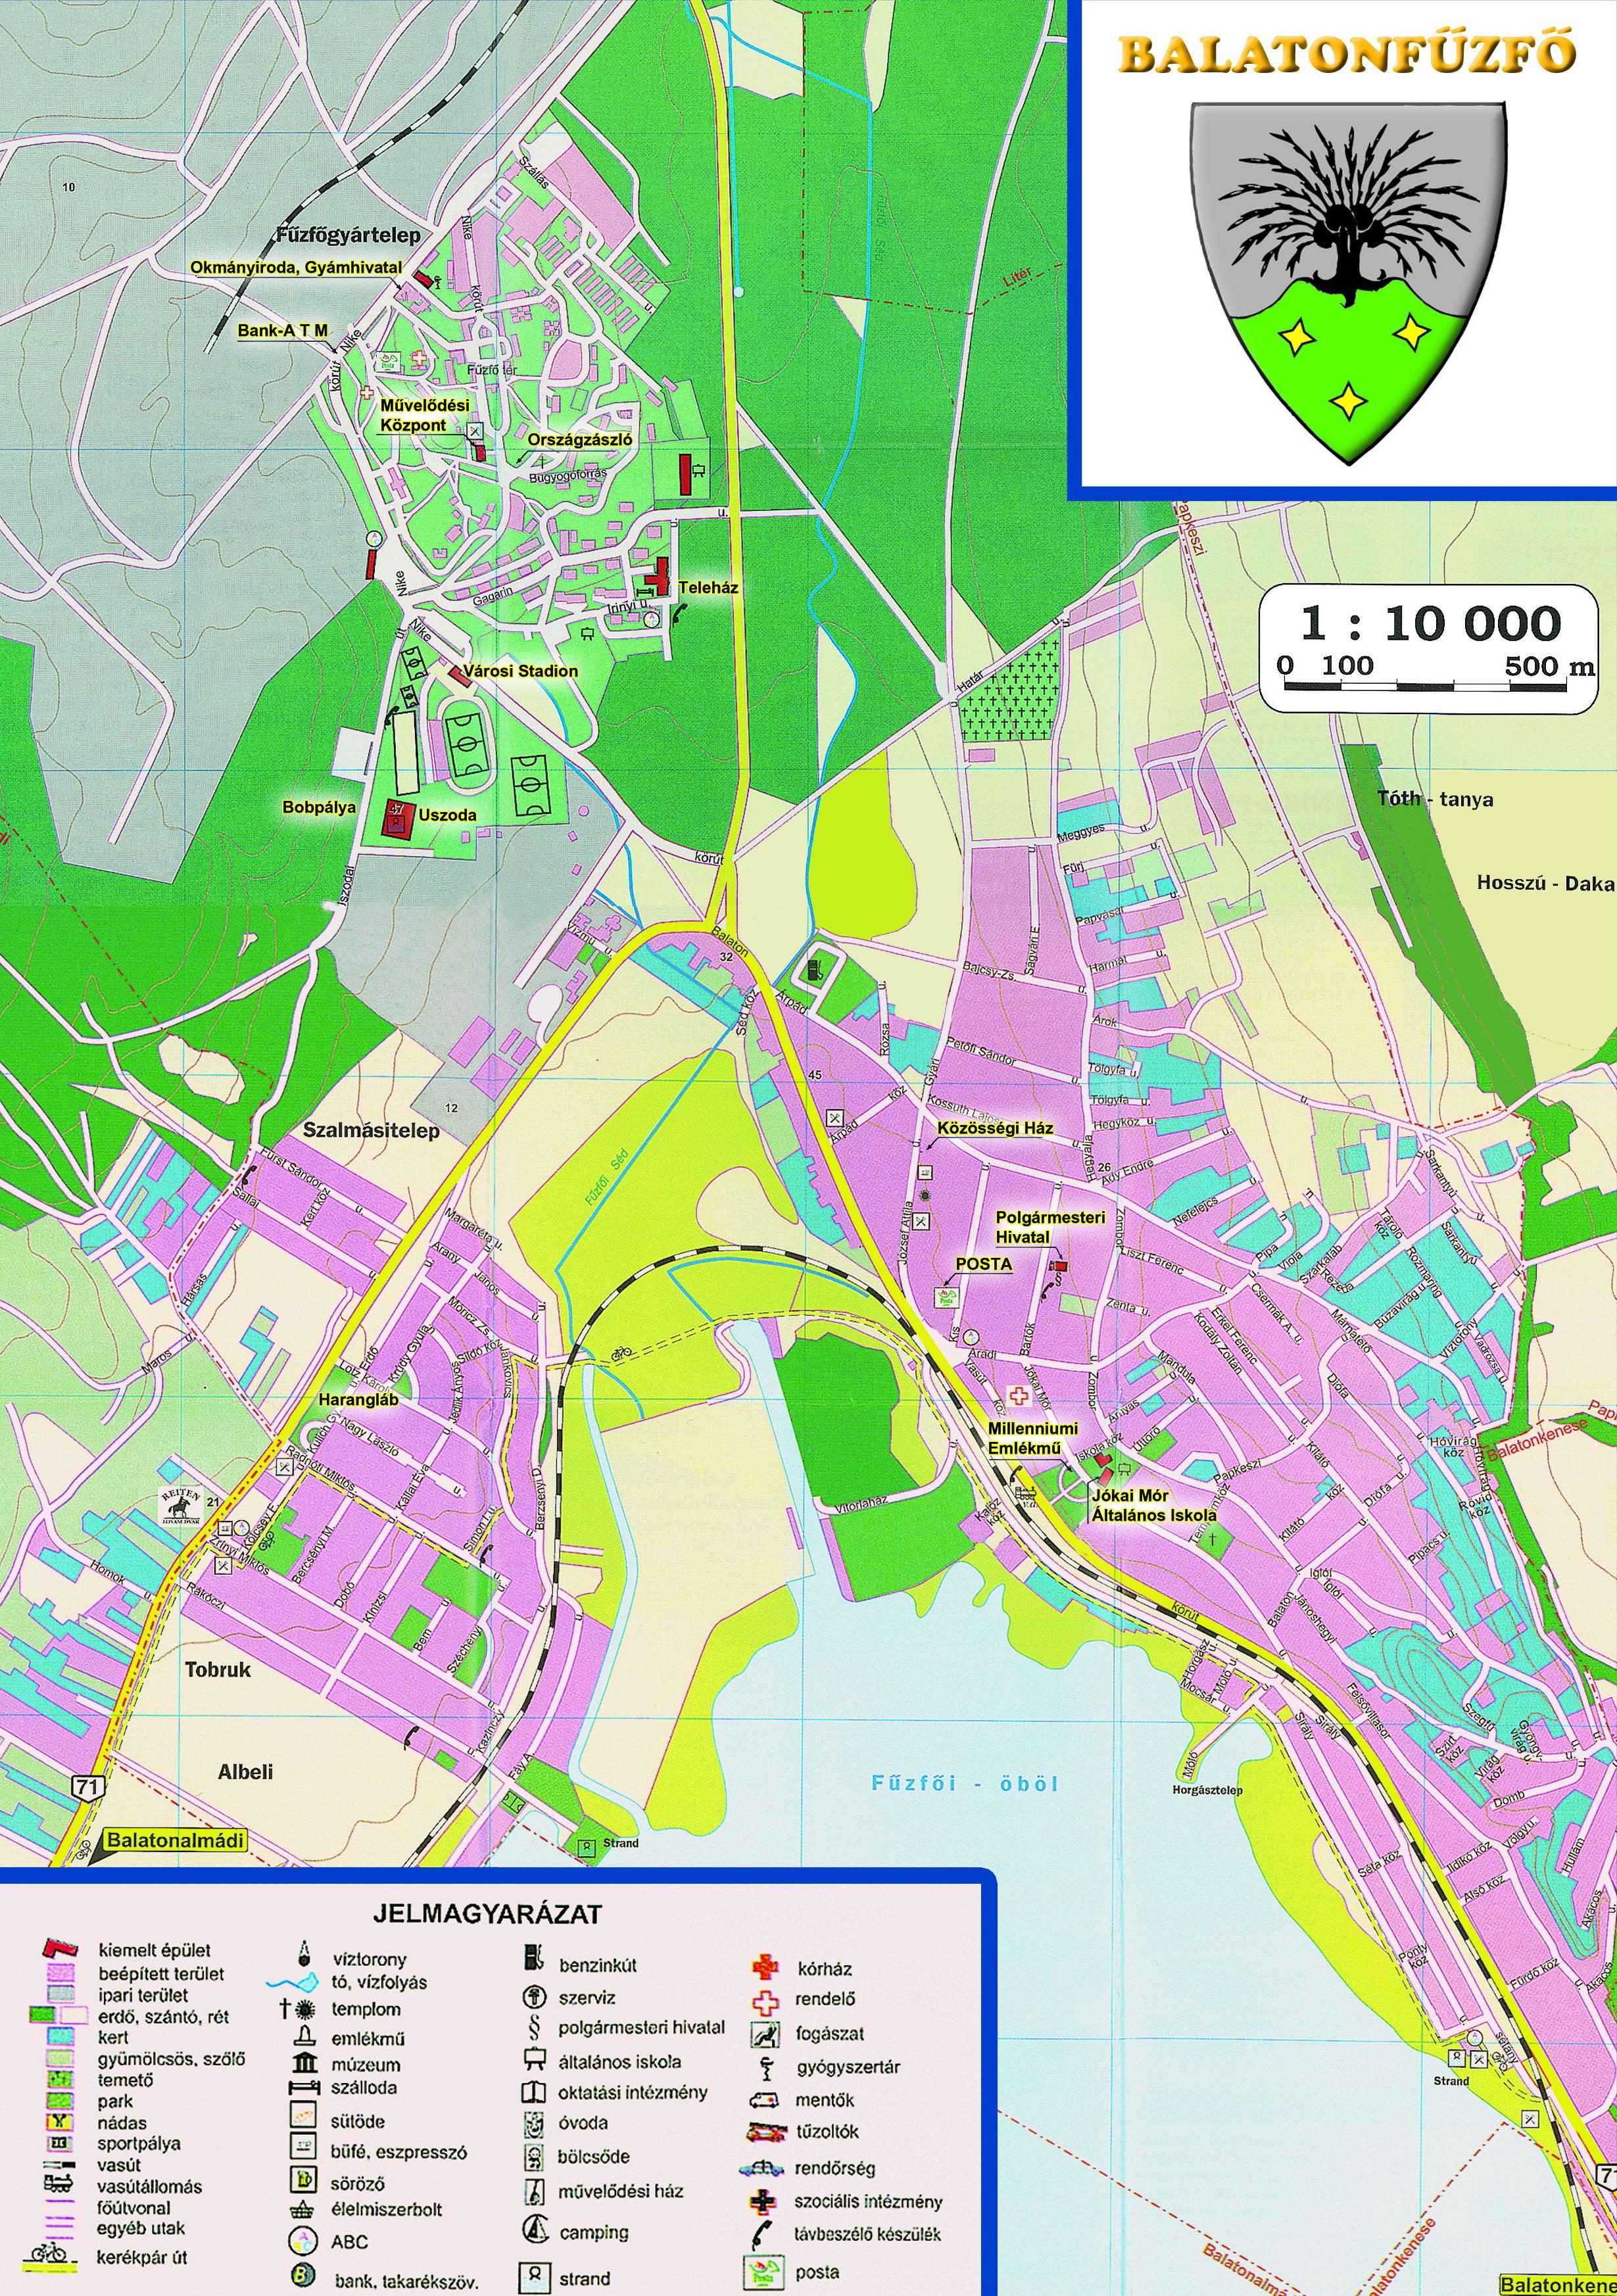 balatonfűzfő térkép Balatonfűzfő Város Öröksége balatonfűzfő térkép